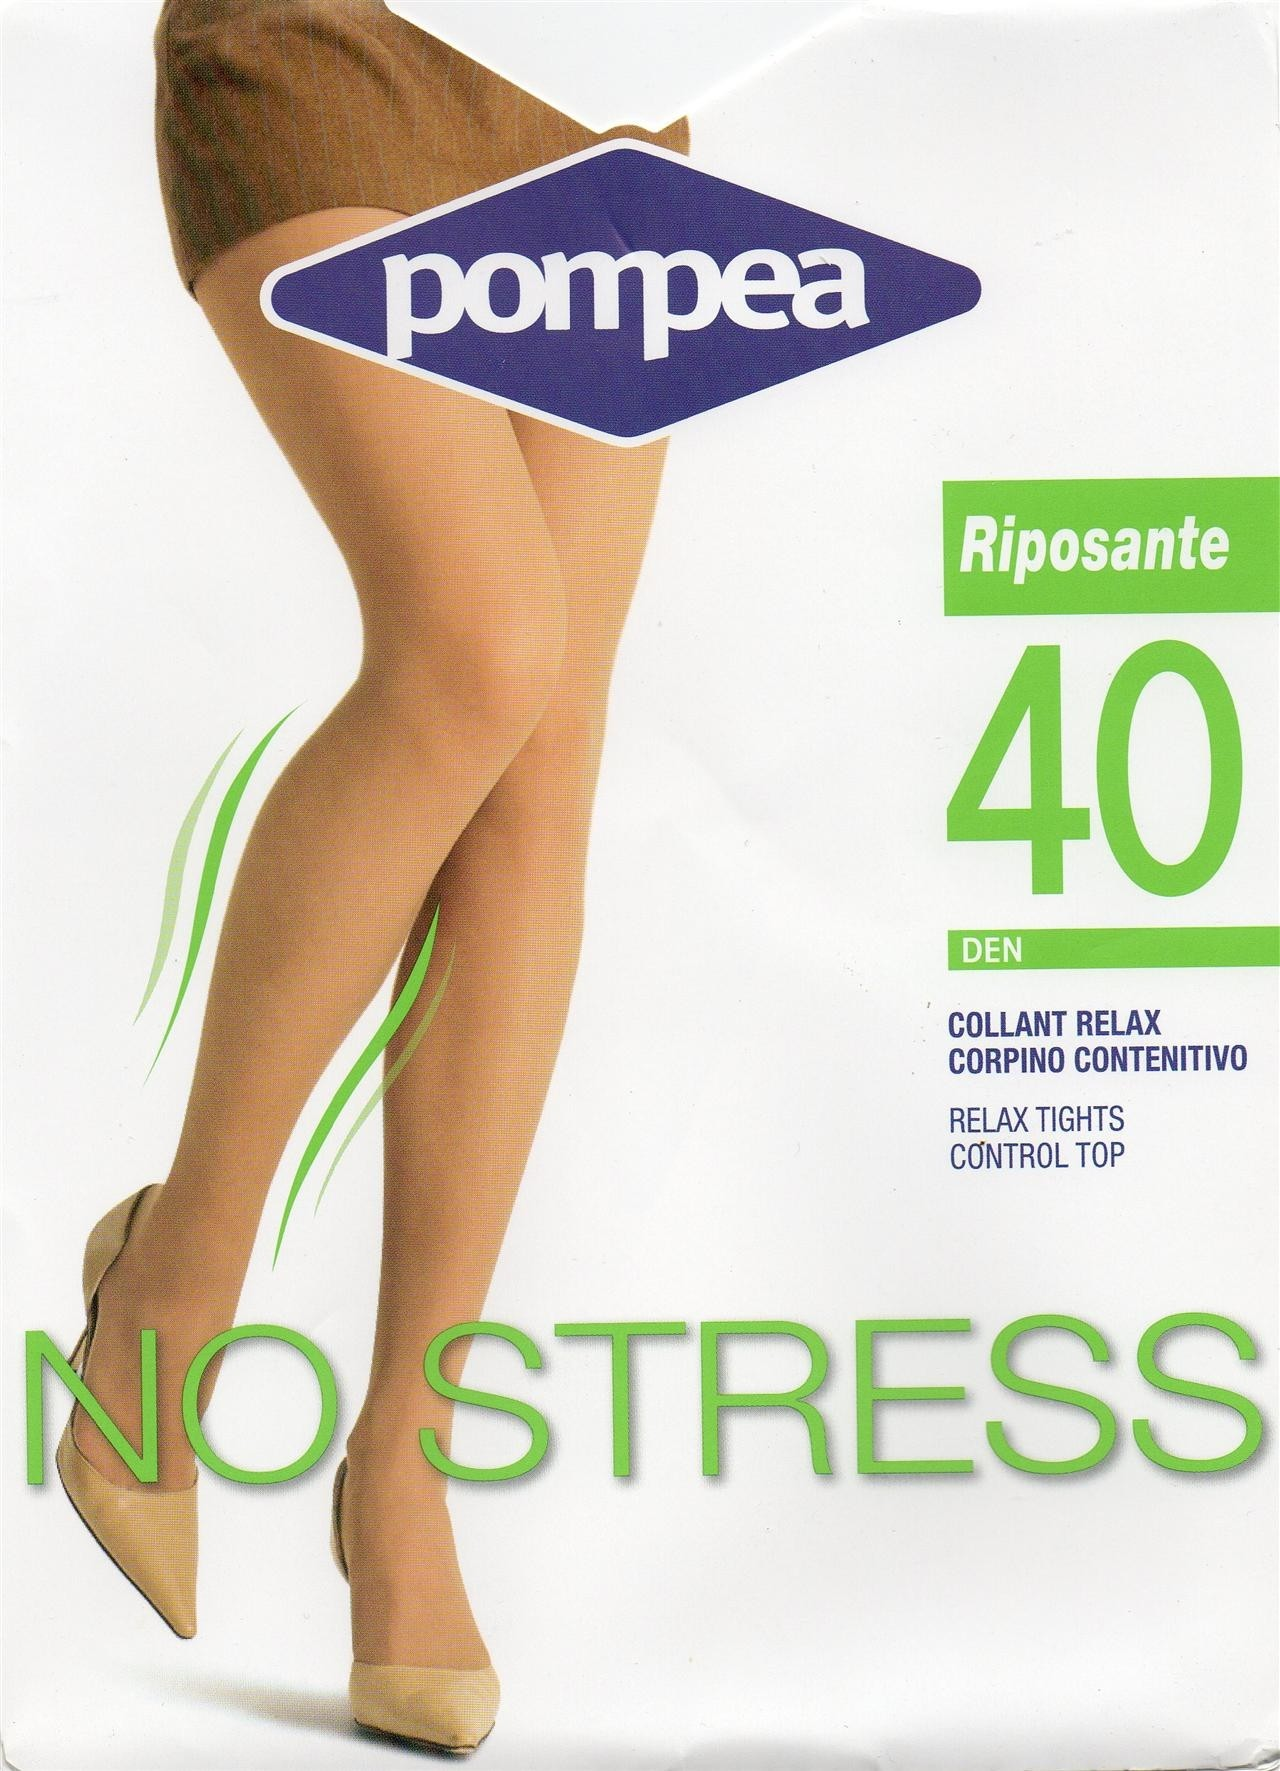 Nuovi Prodotti prezzi super popolare Calze Pompea 40 den riposanti 6 paia Claro color carne